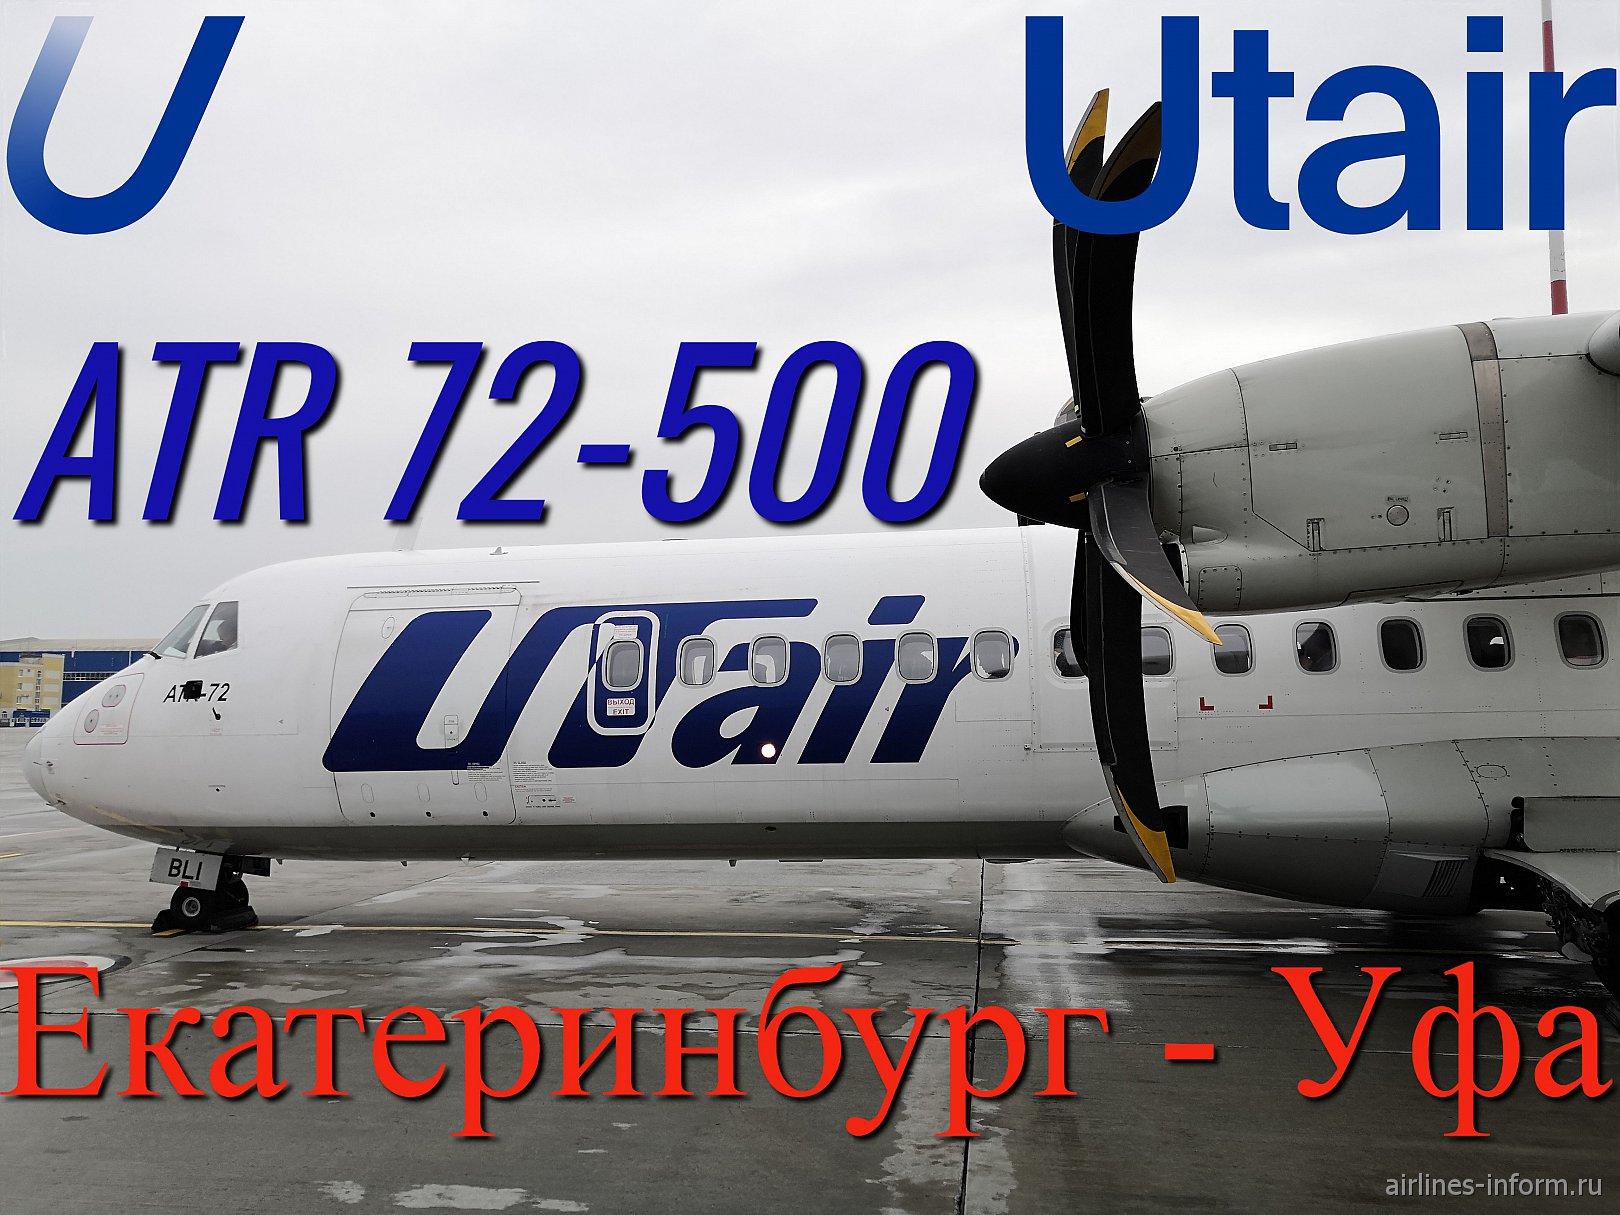 Utair: Екатеринбург - Уфа